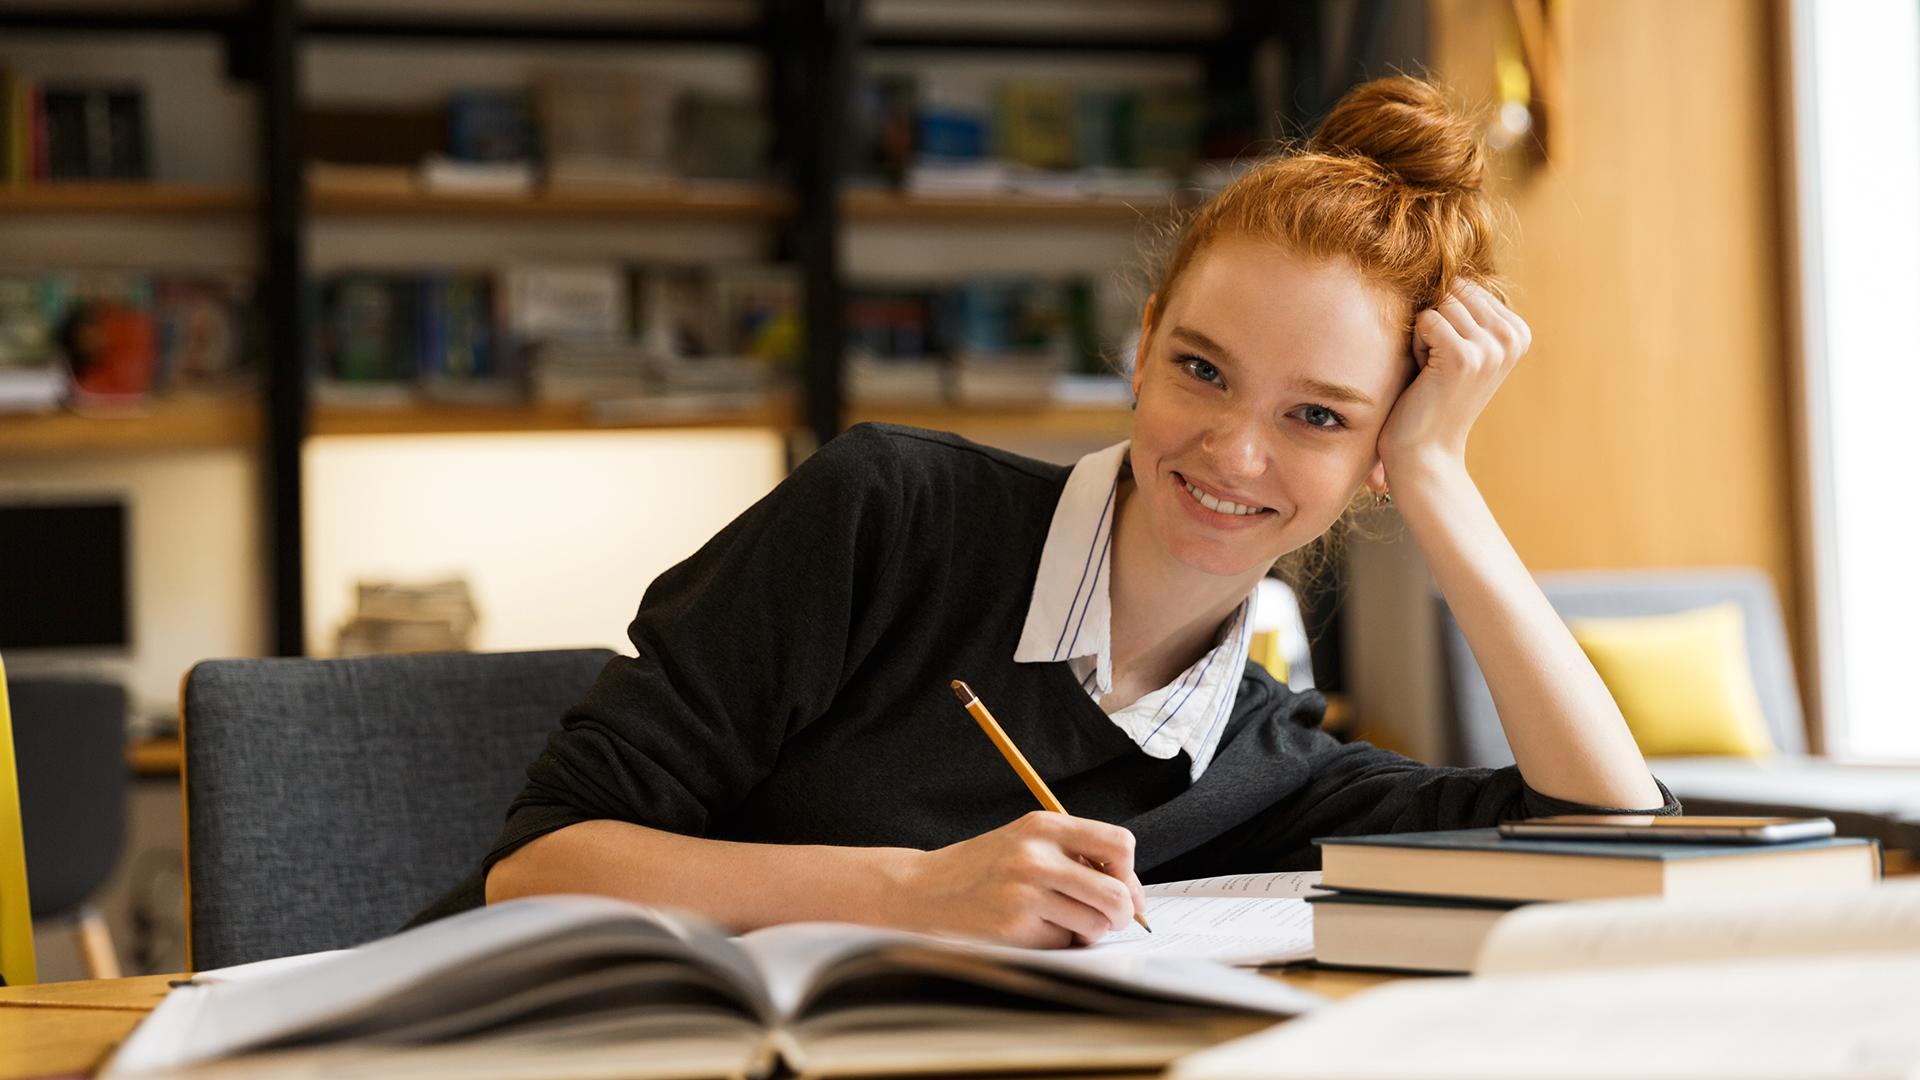 Gedächtnistraining: Junge, glückliche, rothaarige Schülerin/Studentin sitzt in der Bibliothek um ihr Gedächtnis fit zu halten